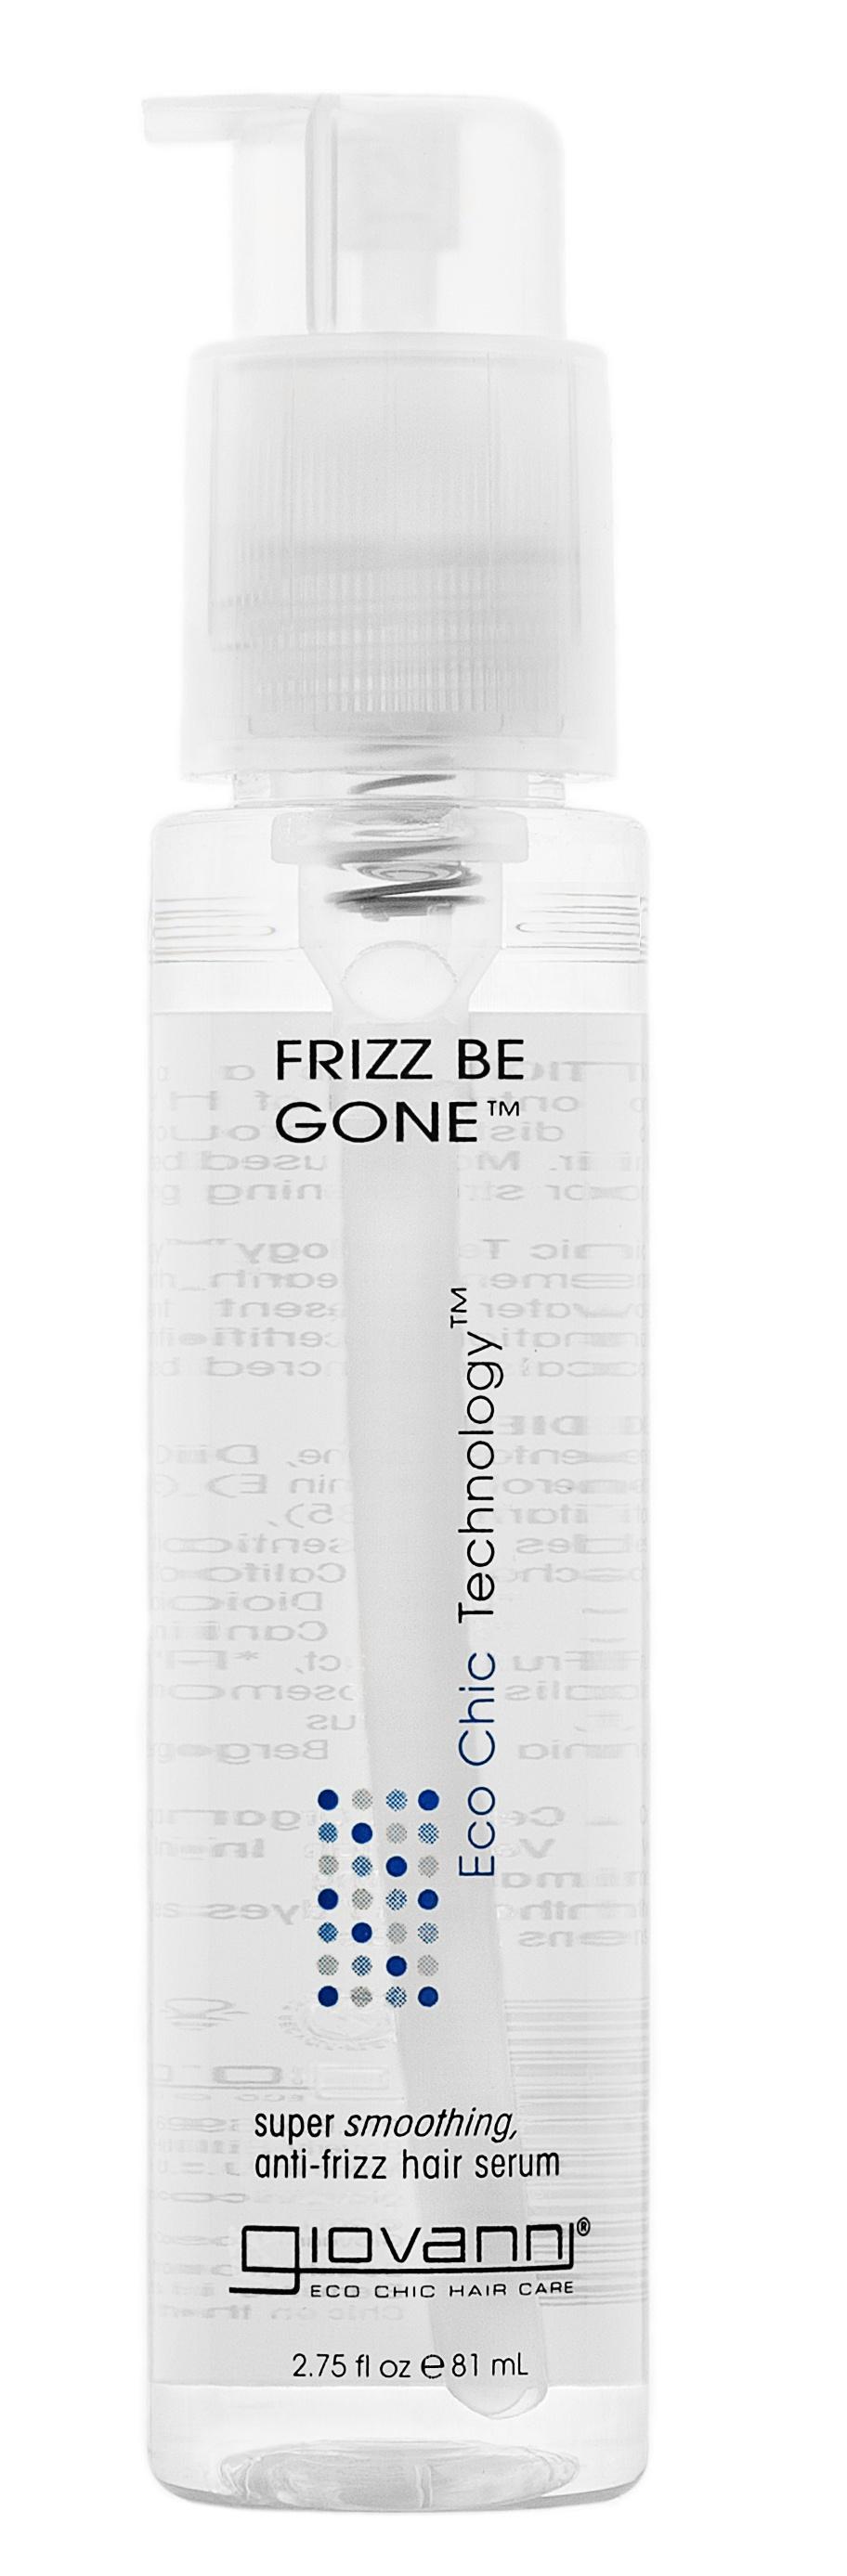 Giovanni Frizz Be Gone 78ml